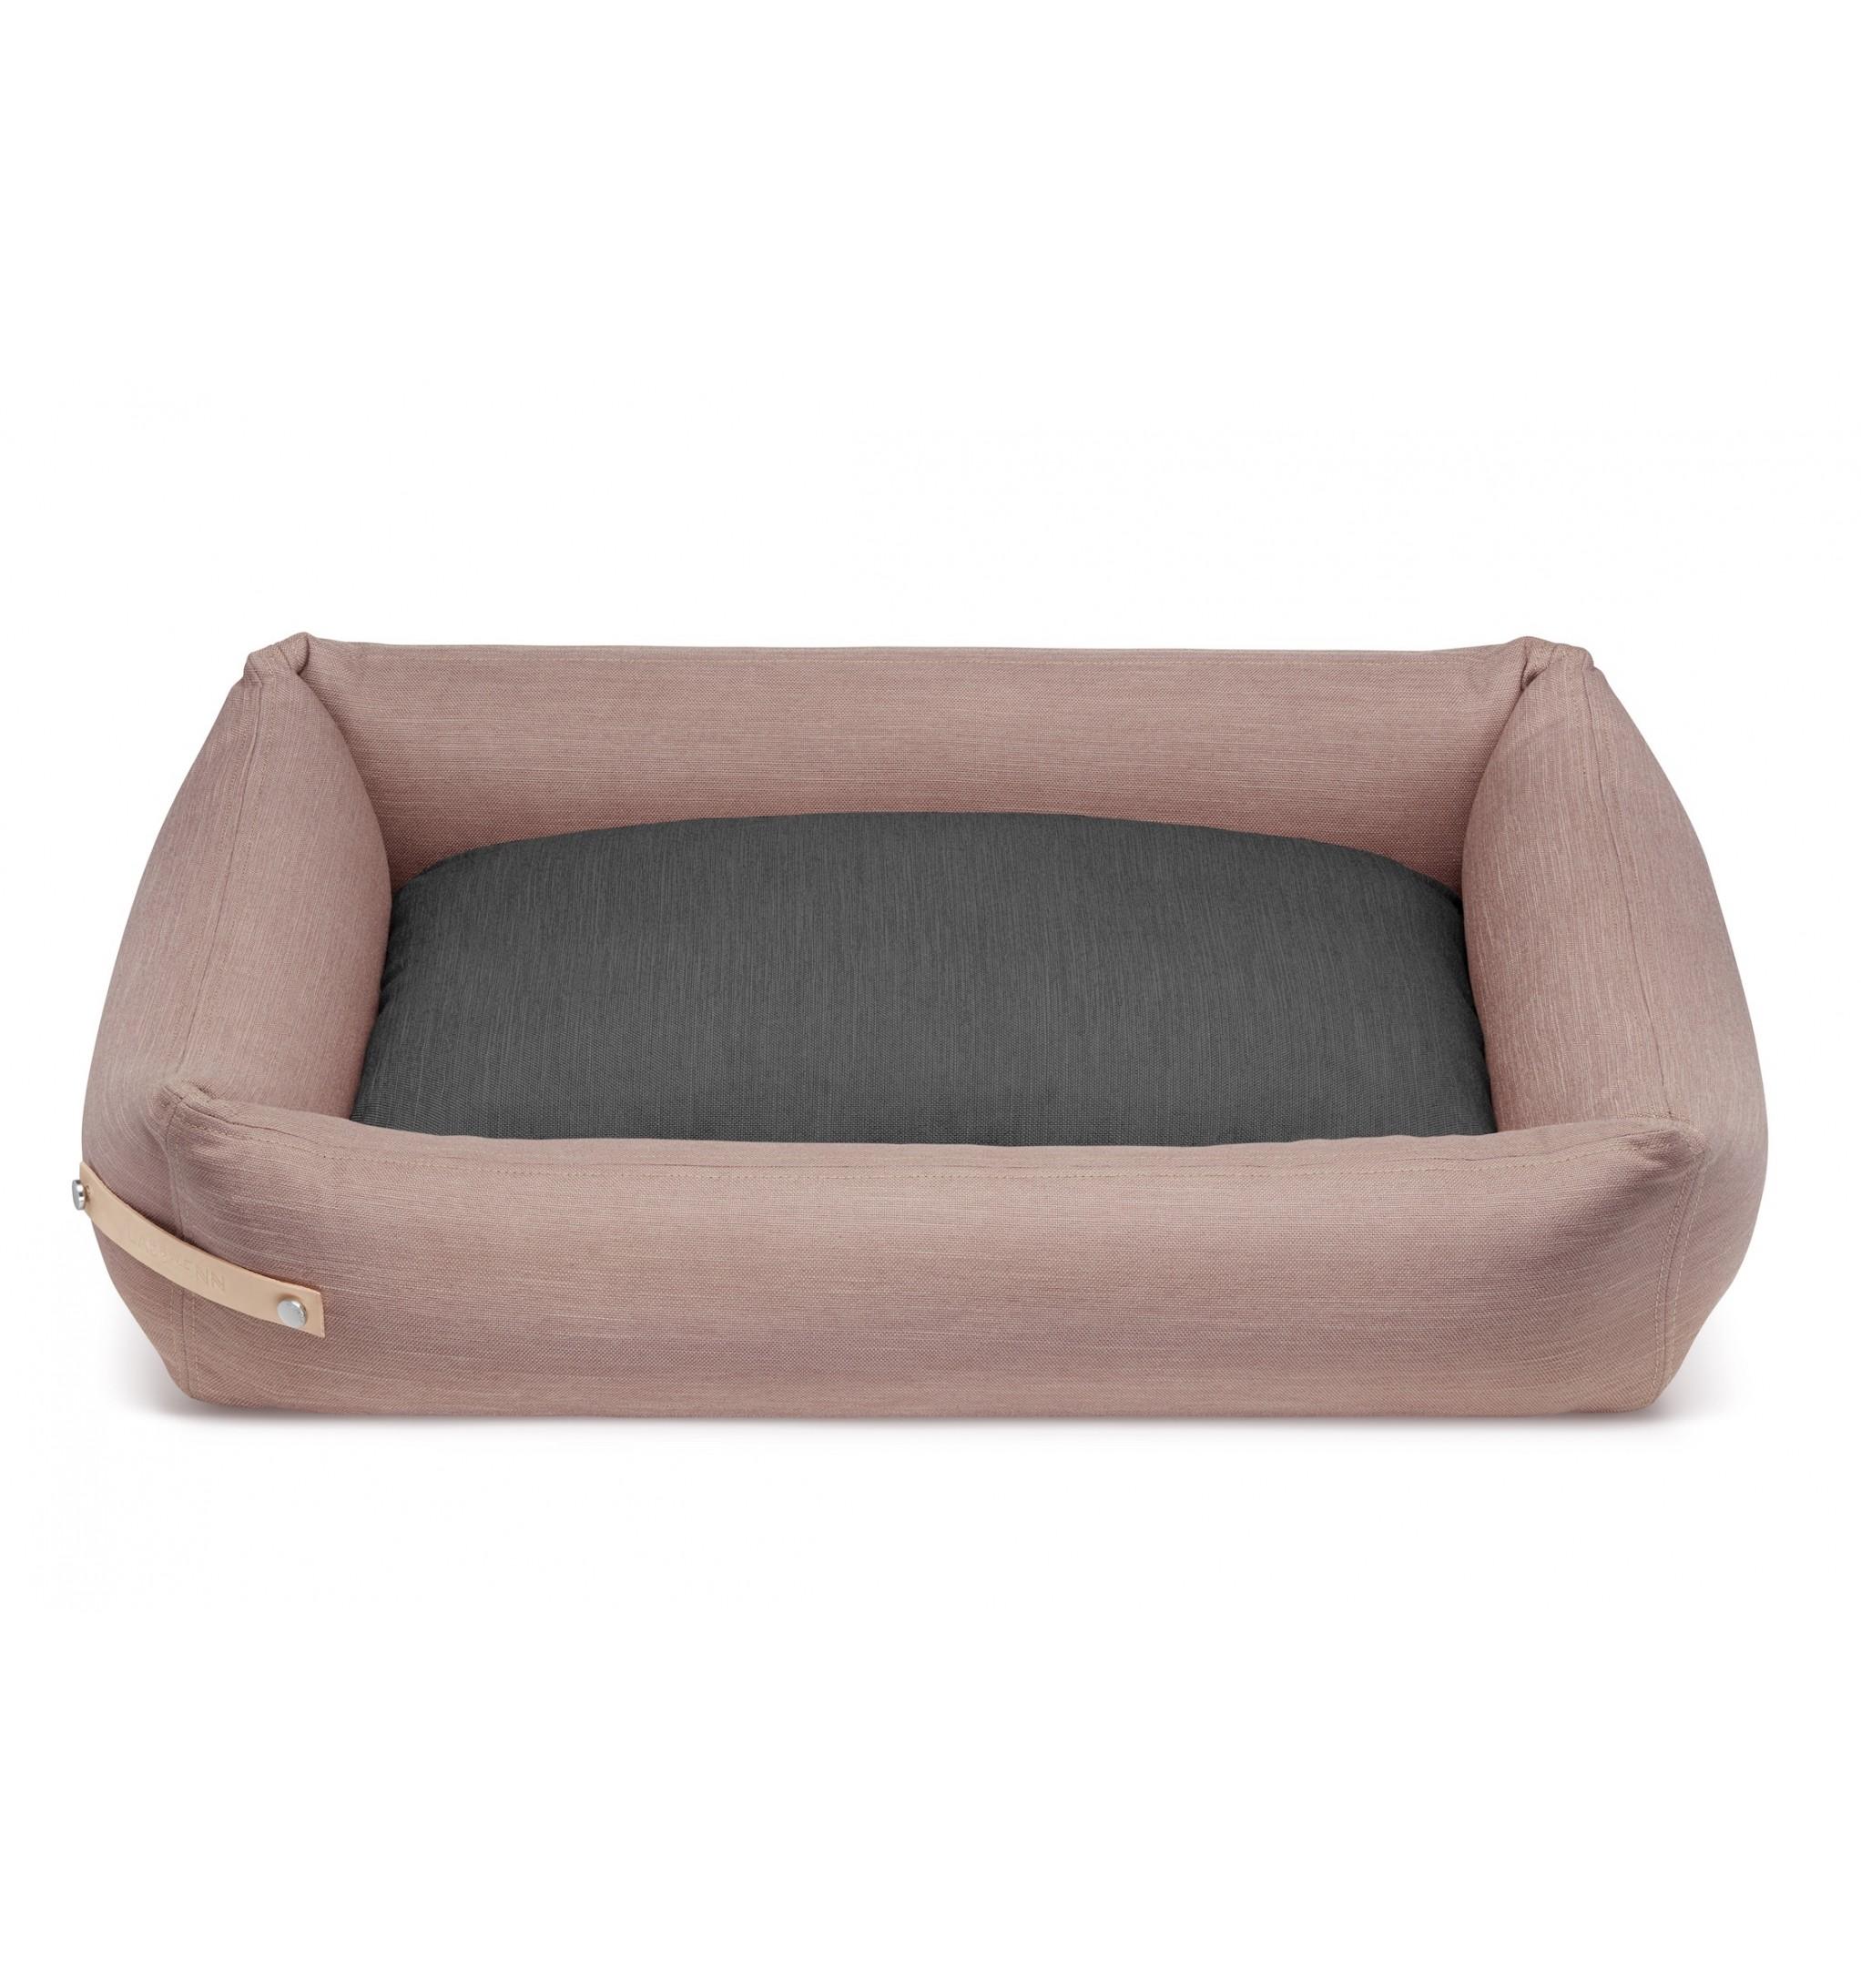 STOKKE Dog Bed Cover